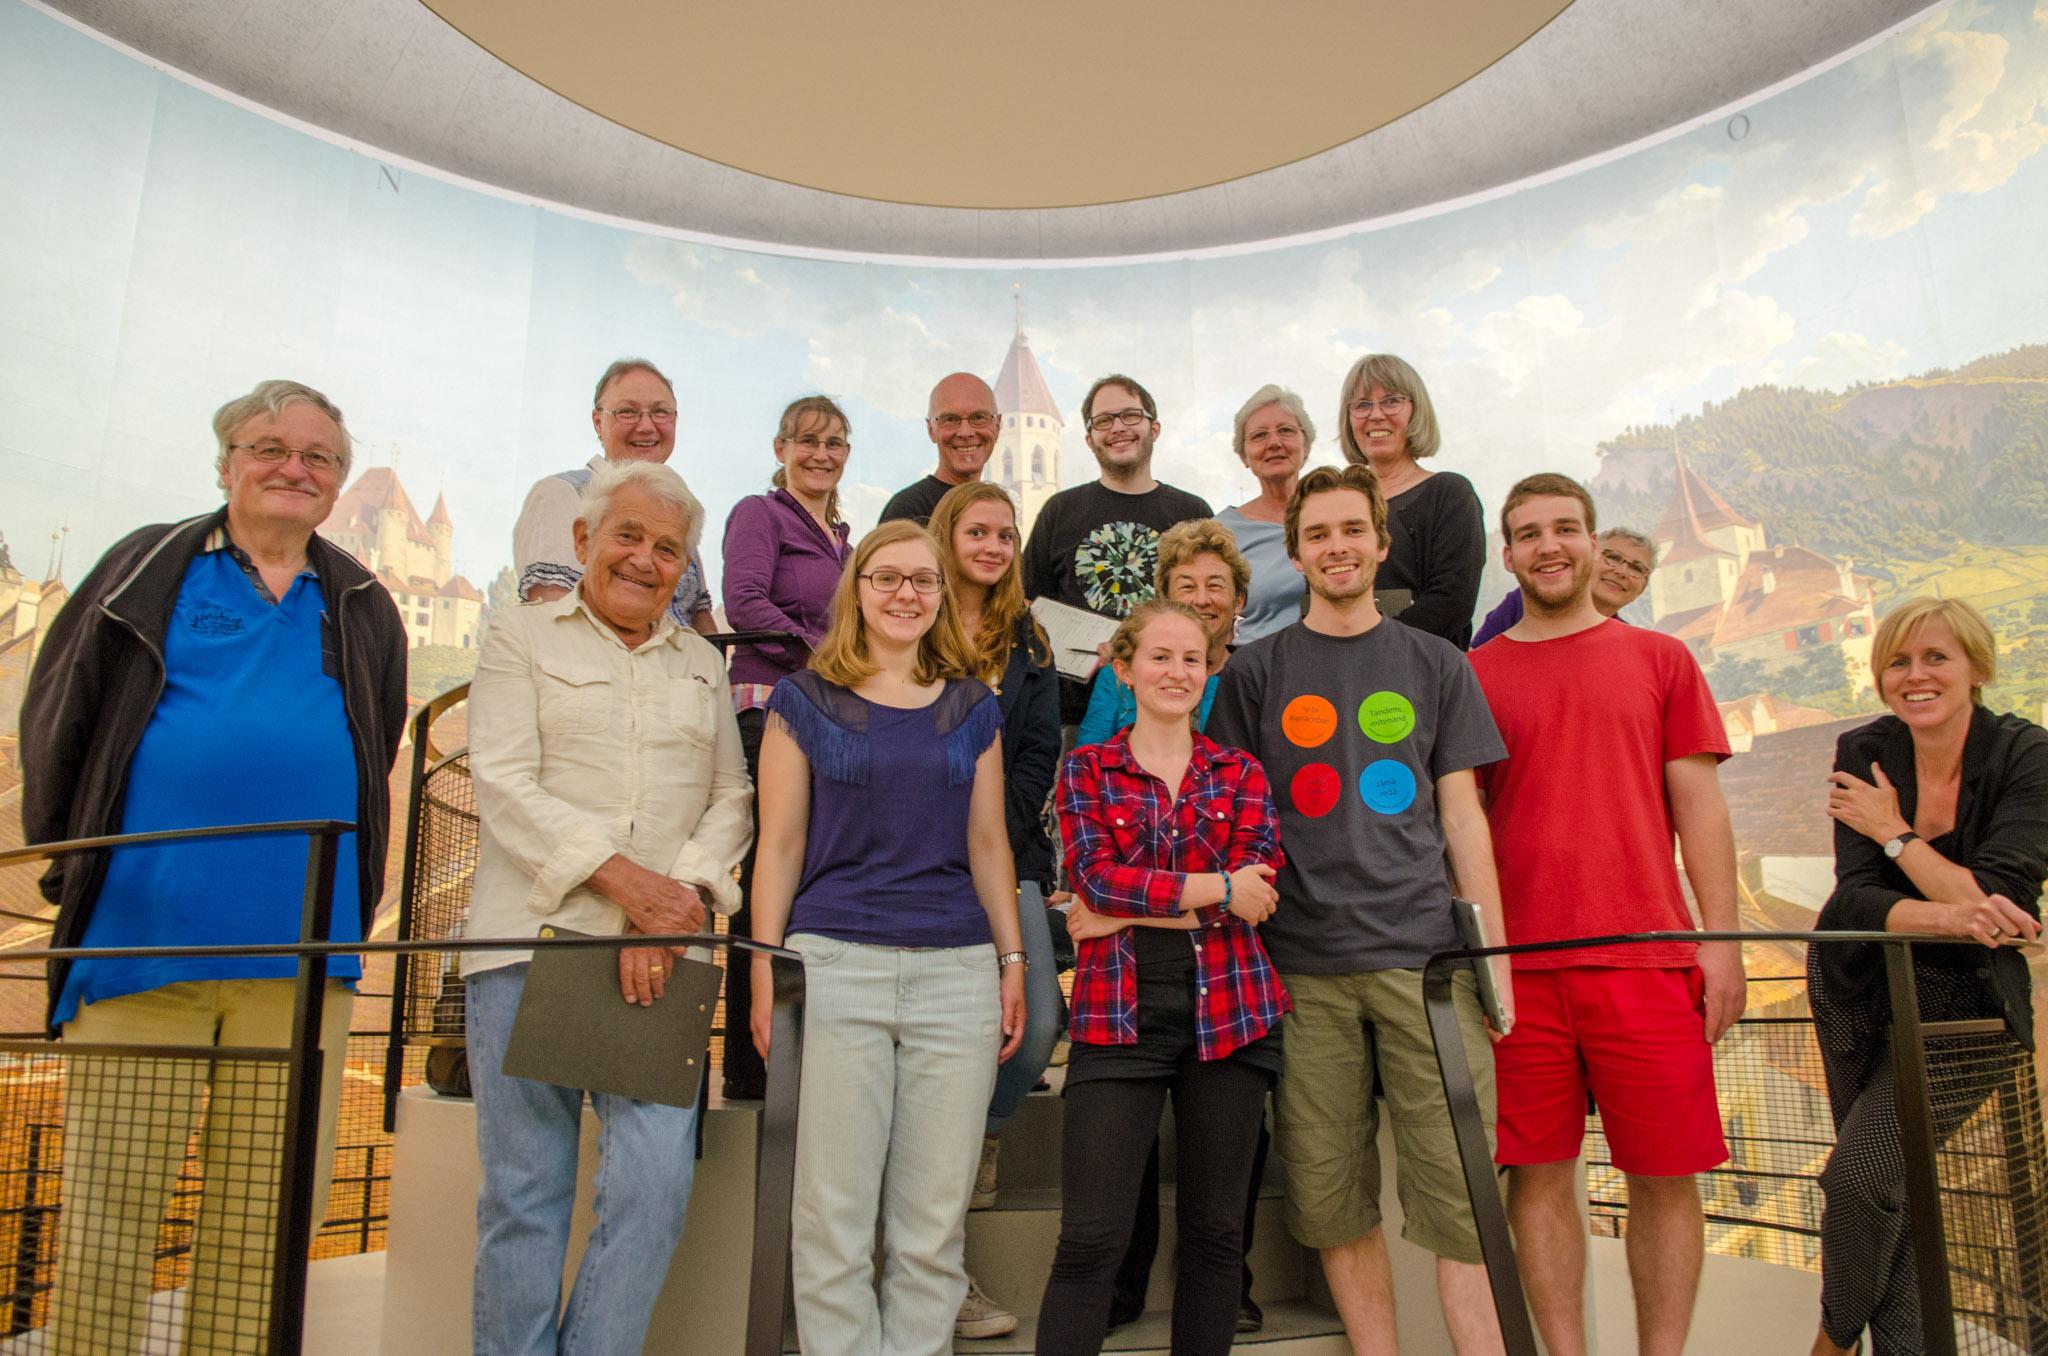 Ein generationendurchmischtes Team war in der Rotunde des Thun-Panorama auf der Suche nach Wortspielen. Bilder: Manuel Meister